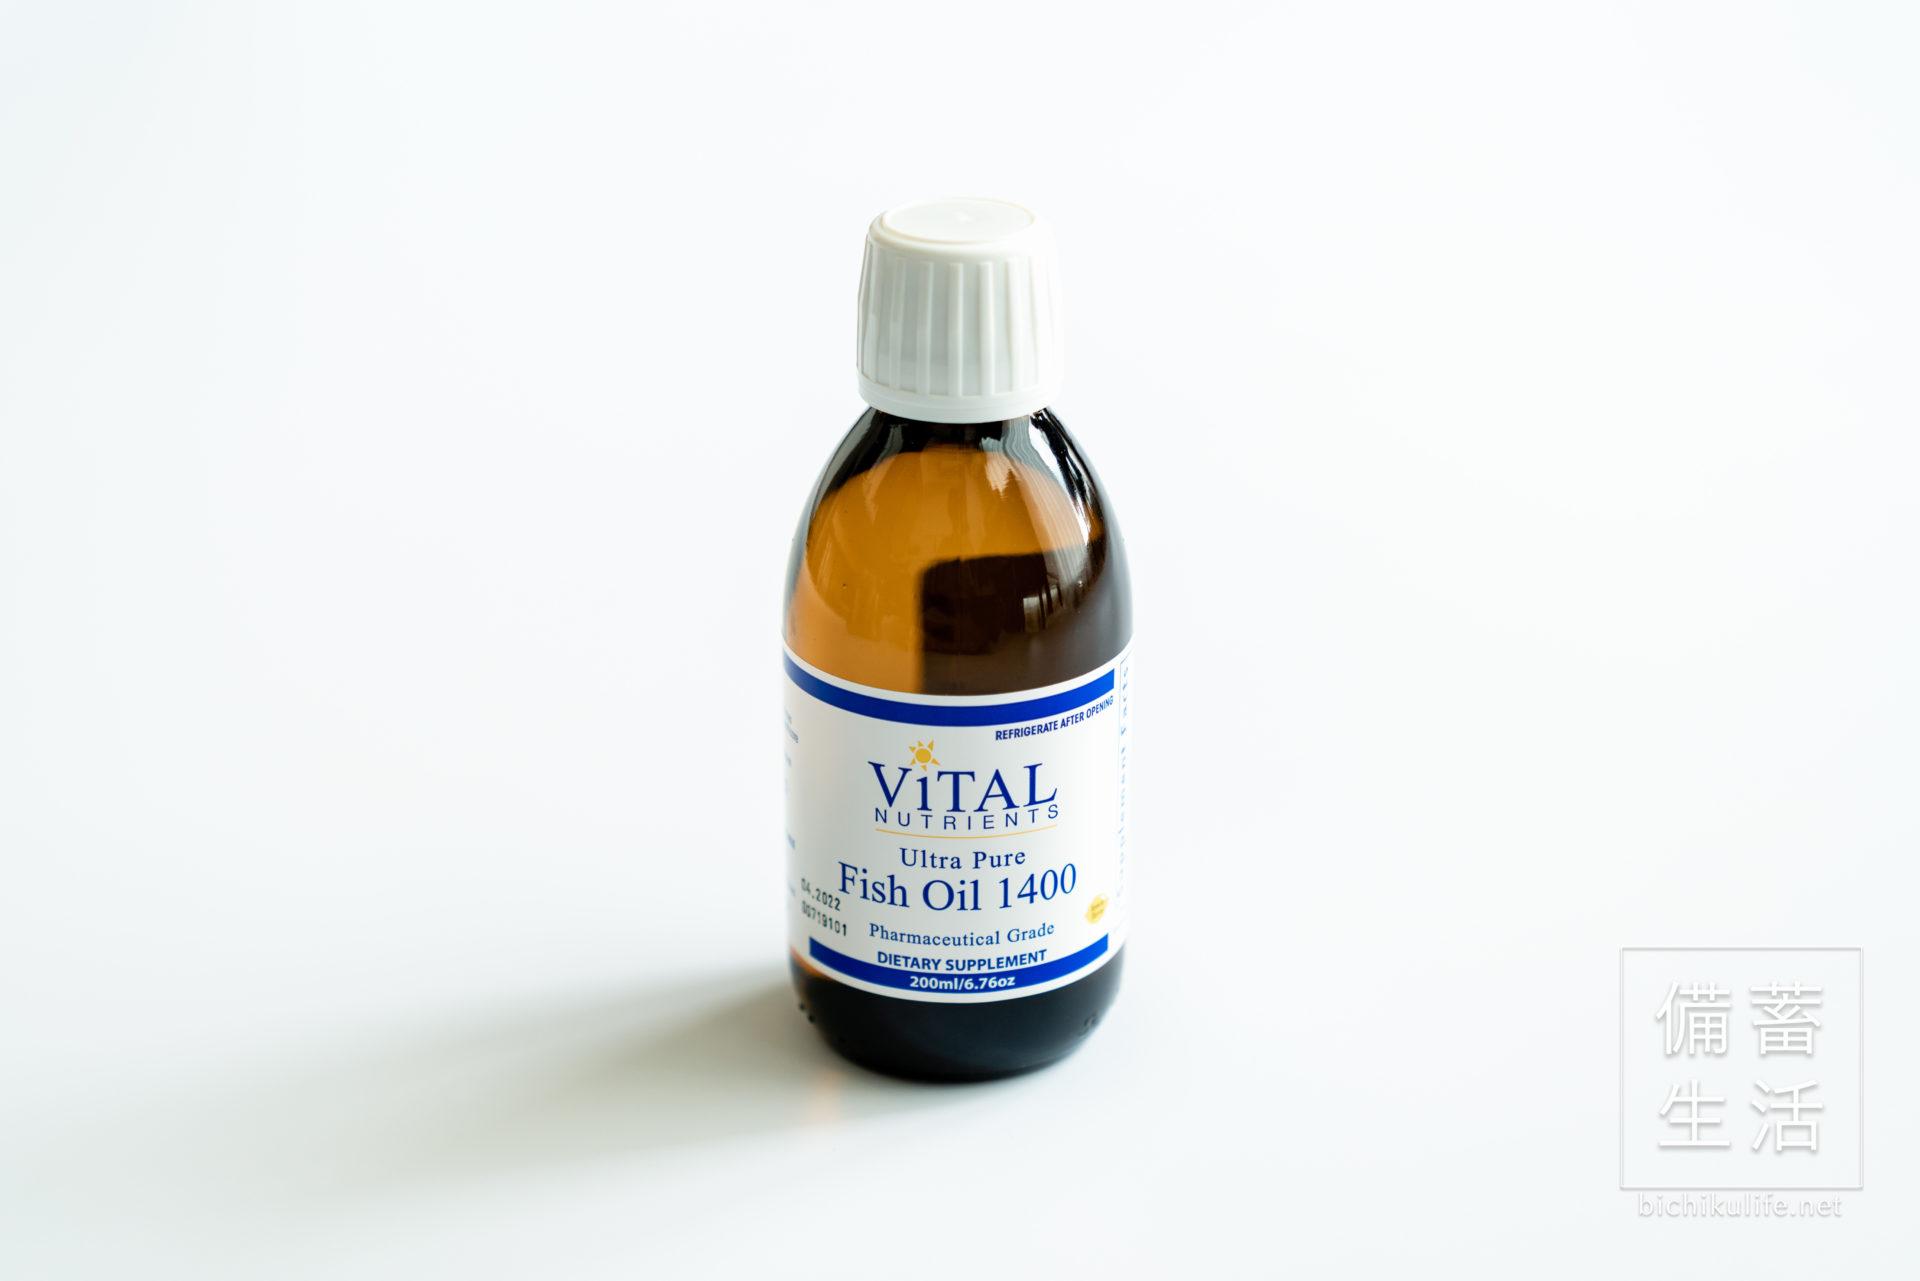 ヴァイタル ニュートリエンツ フィッシュオイル1400 Vital Nutrients Fish Oil 1400